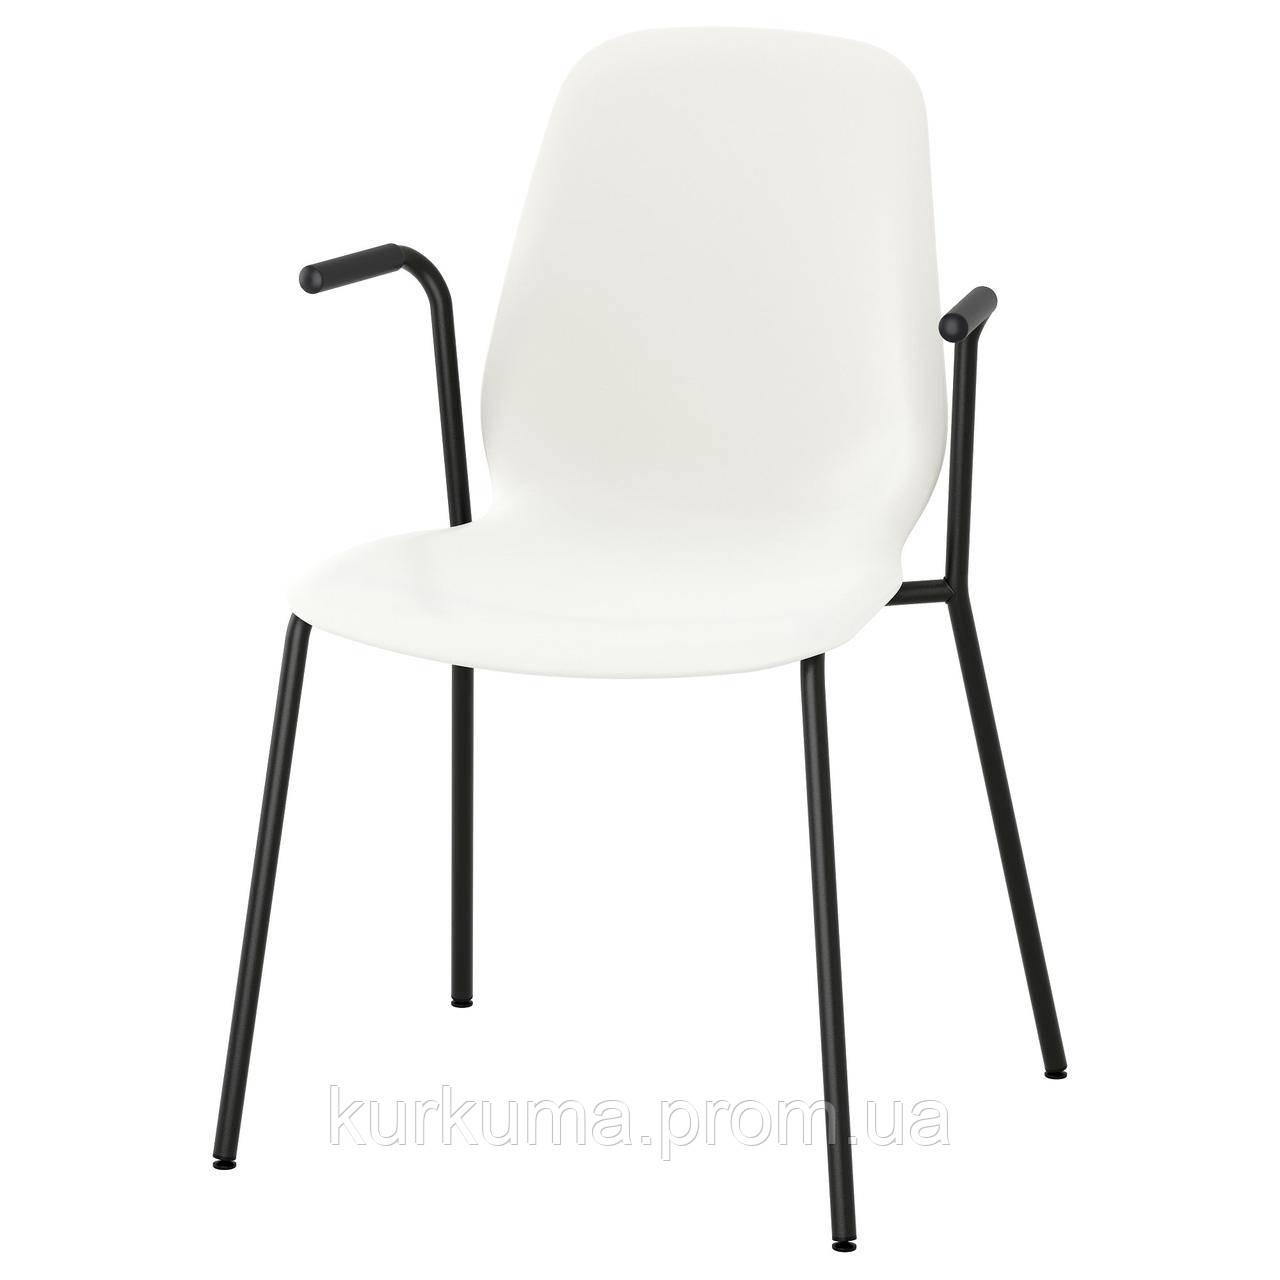 IKEA LEIFARNE Стул с подлокотниками, белый, Дитмар черный  (591.977.21)